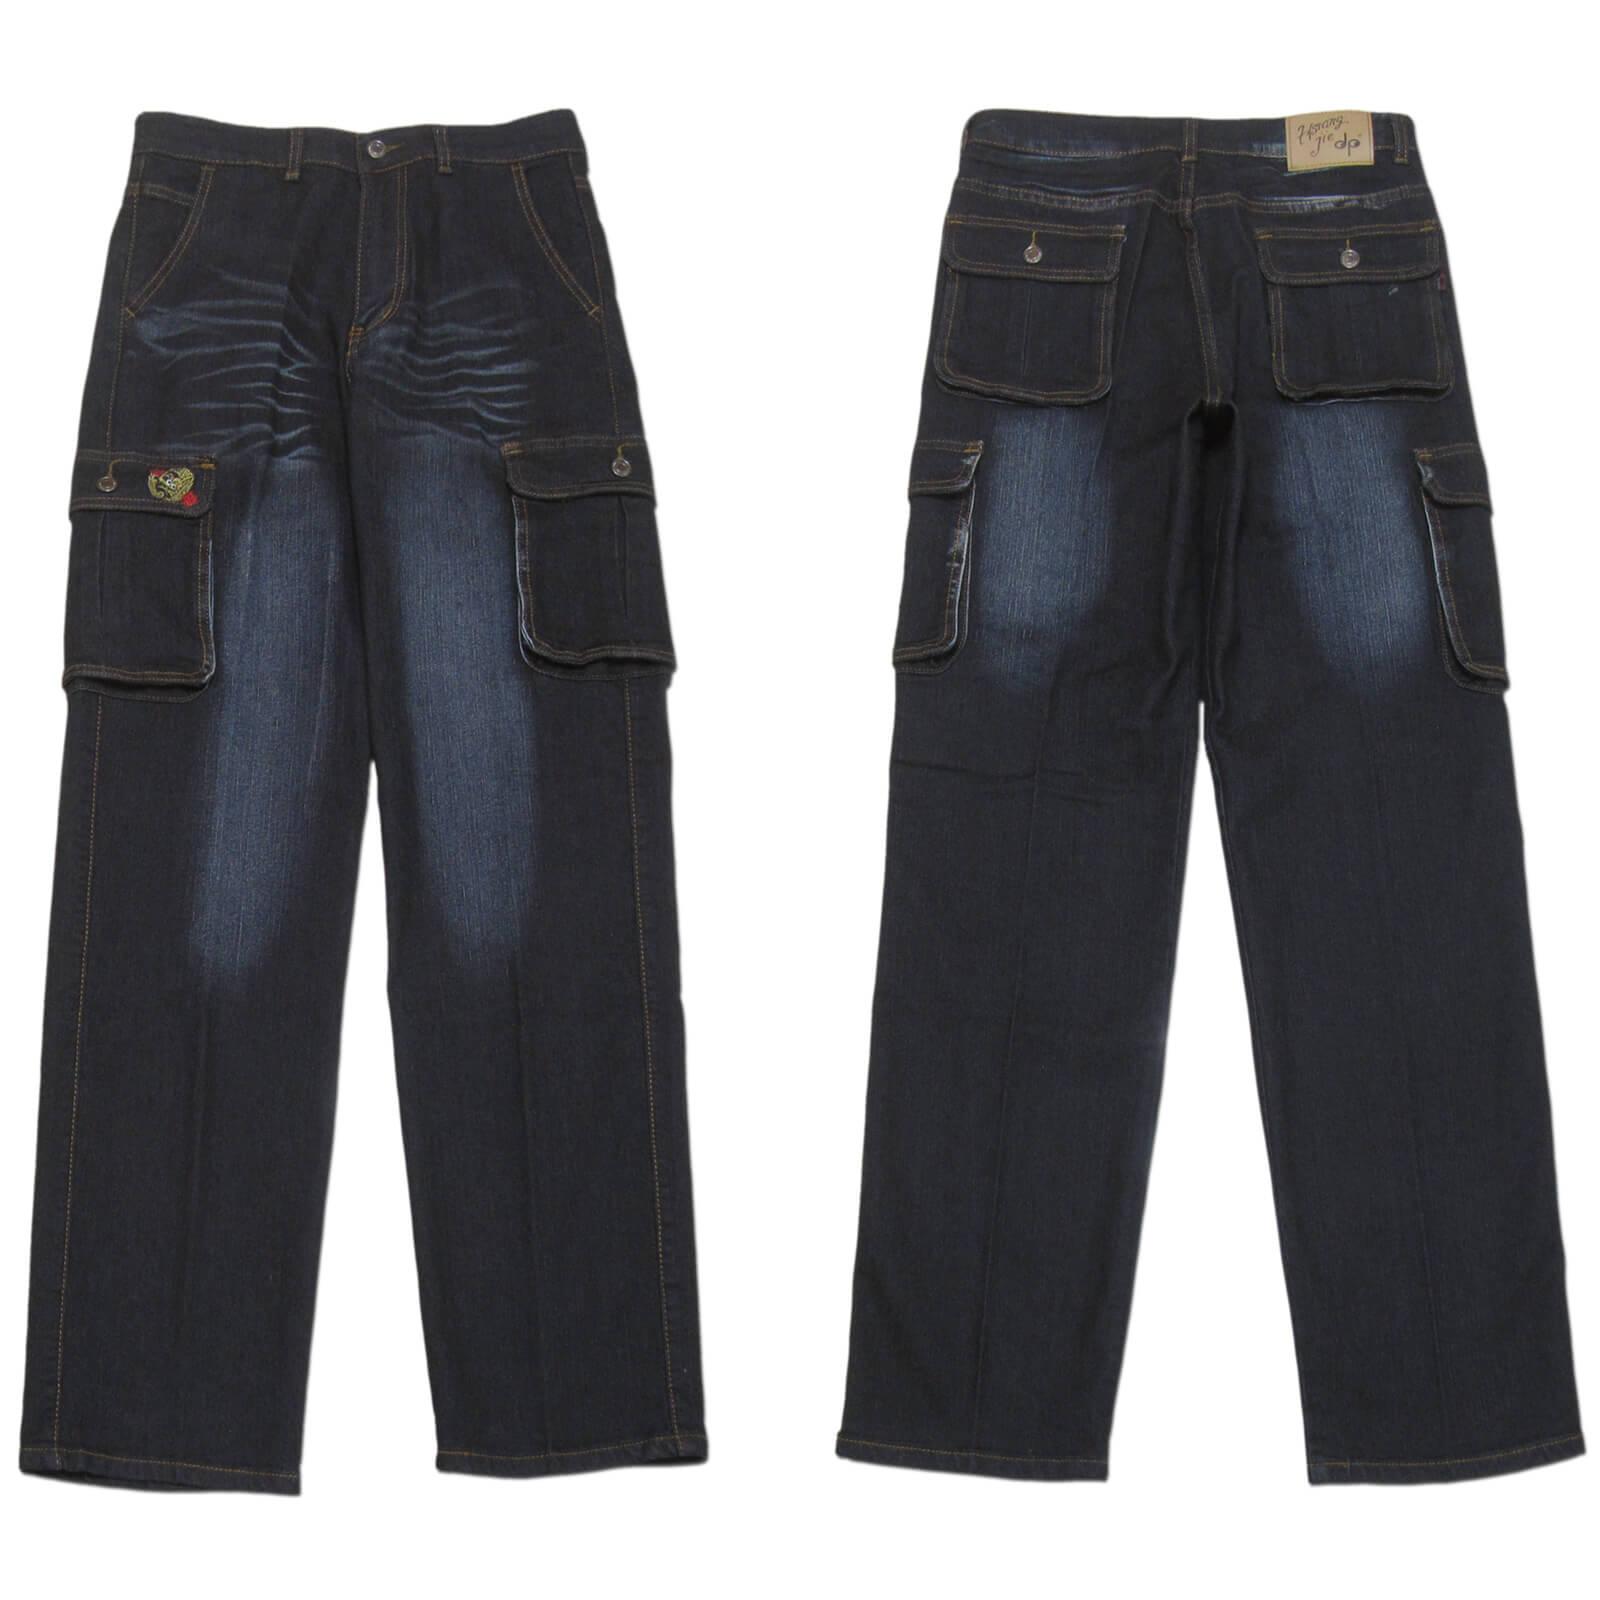 sun-e加大尺碼側貼袋彈性牛仔長褲、大尺碼伸縮立體工作褲、多口袋長褲、貓爪刷白牛仔褲、側貼袋丹寧、休閒牛仔褲、單寧長褲、側貼袋車繡龍圖案、腰圍有皮帶環(褲耳)、褲檔有拉鍊、黑色牛仔褲(307-7167-21)黑色 腰圍:M L XL 2L 3L 4L 5L(28~41英吋) [實體店面保障] 1